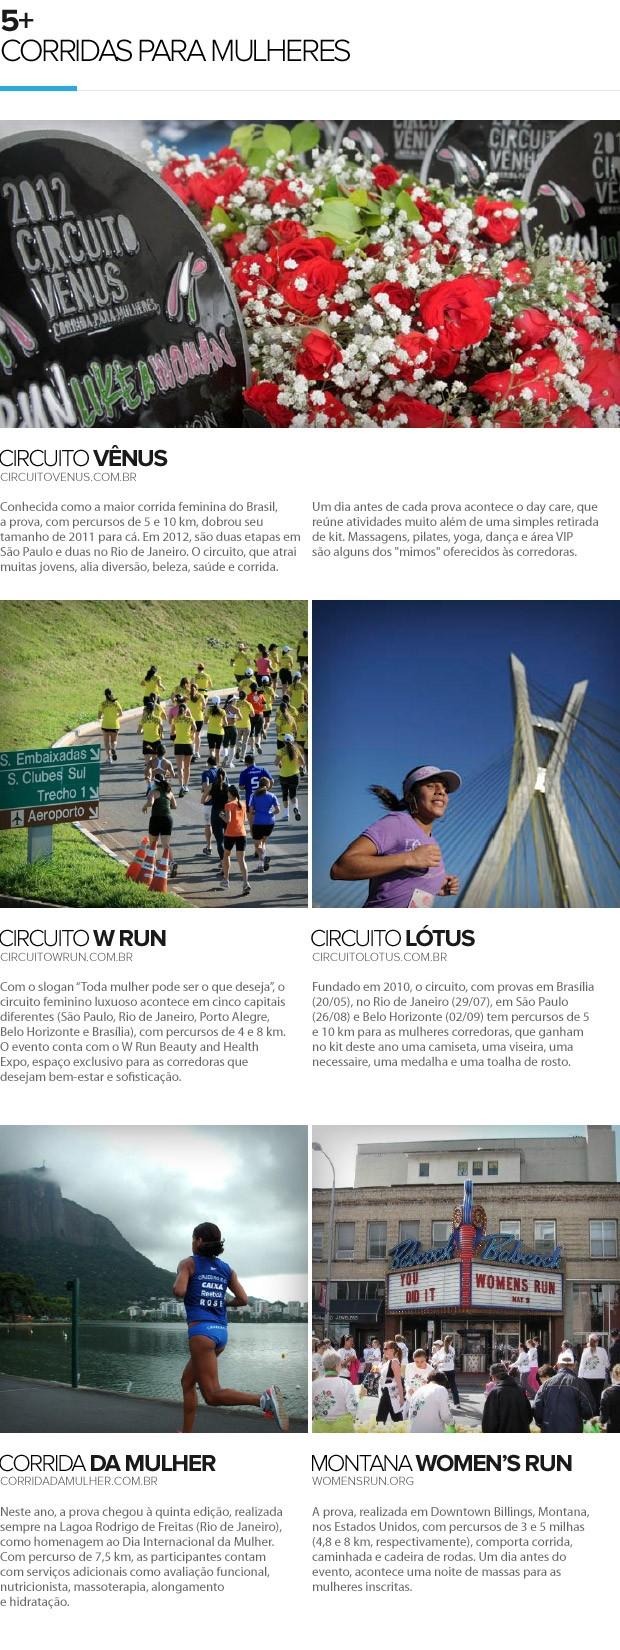 euatleta - 5+ corridas para mulheres (Foto: Editoria de Arte / GLOBESPORTE.COM)